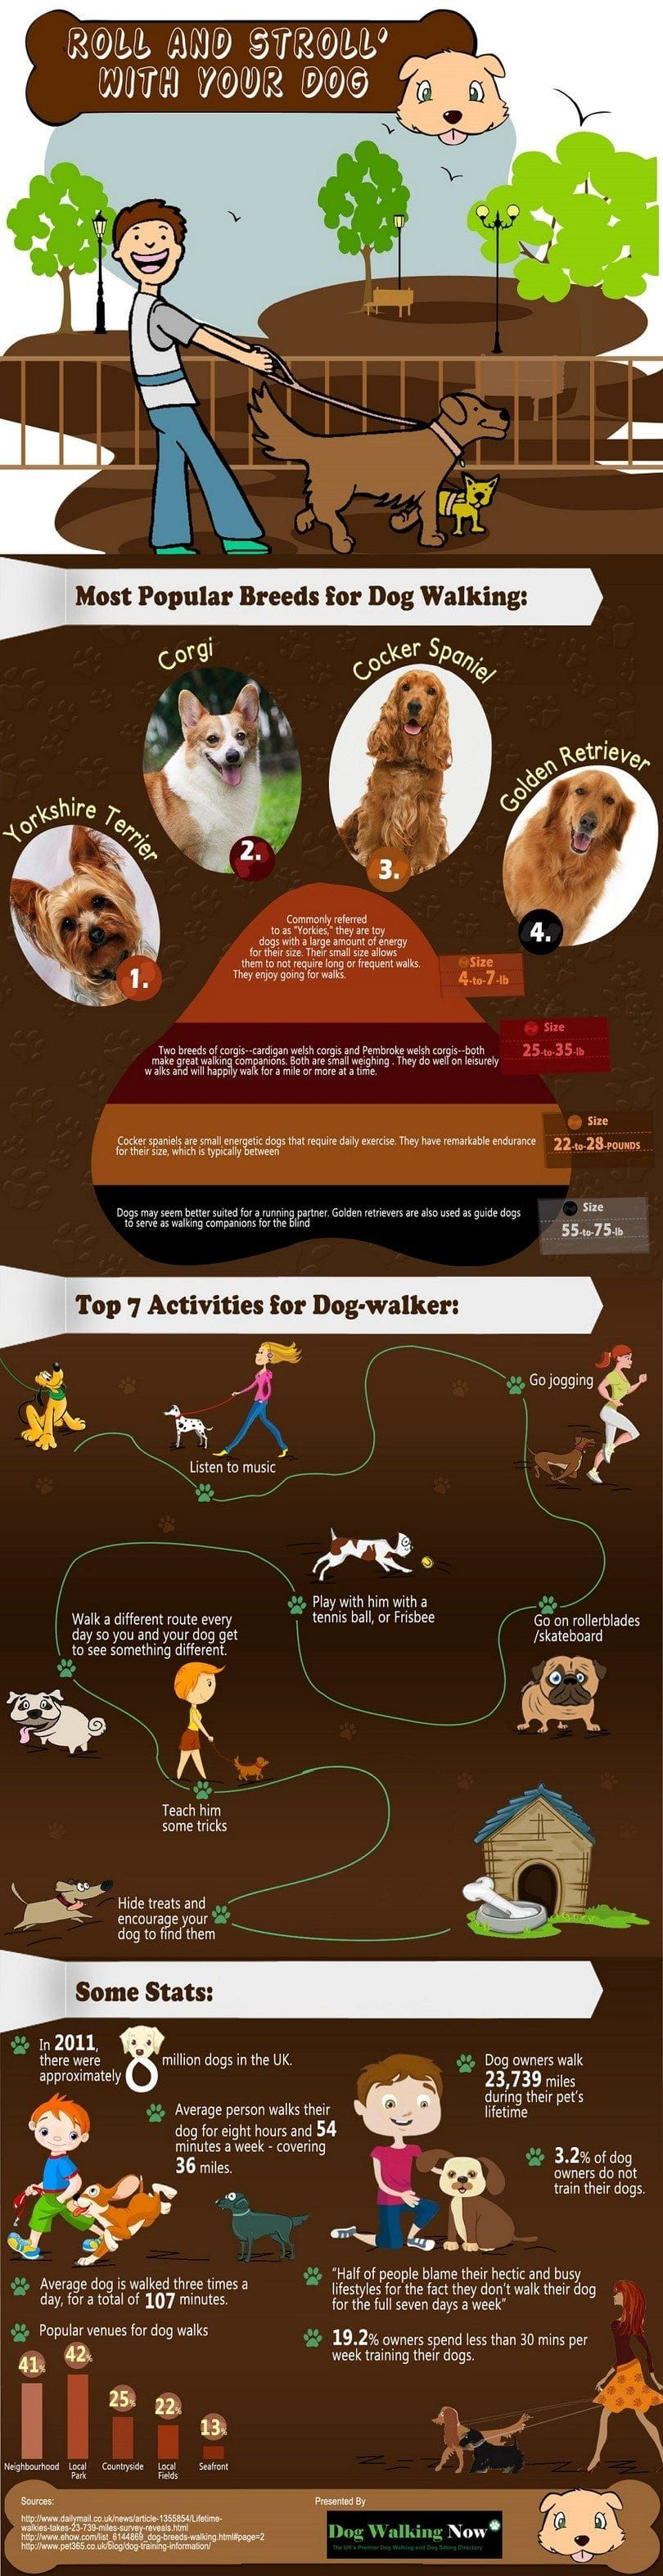 Rouleau promenade avec votre chien